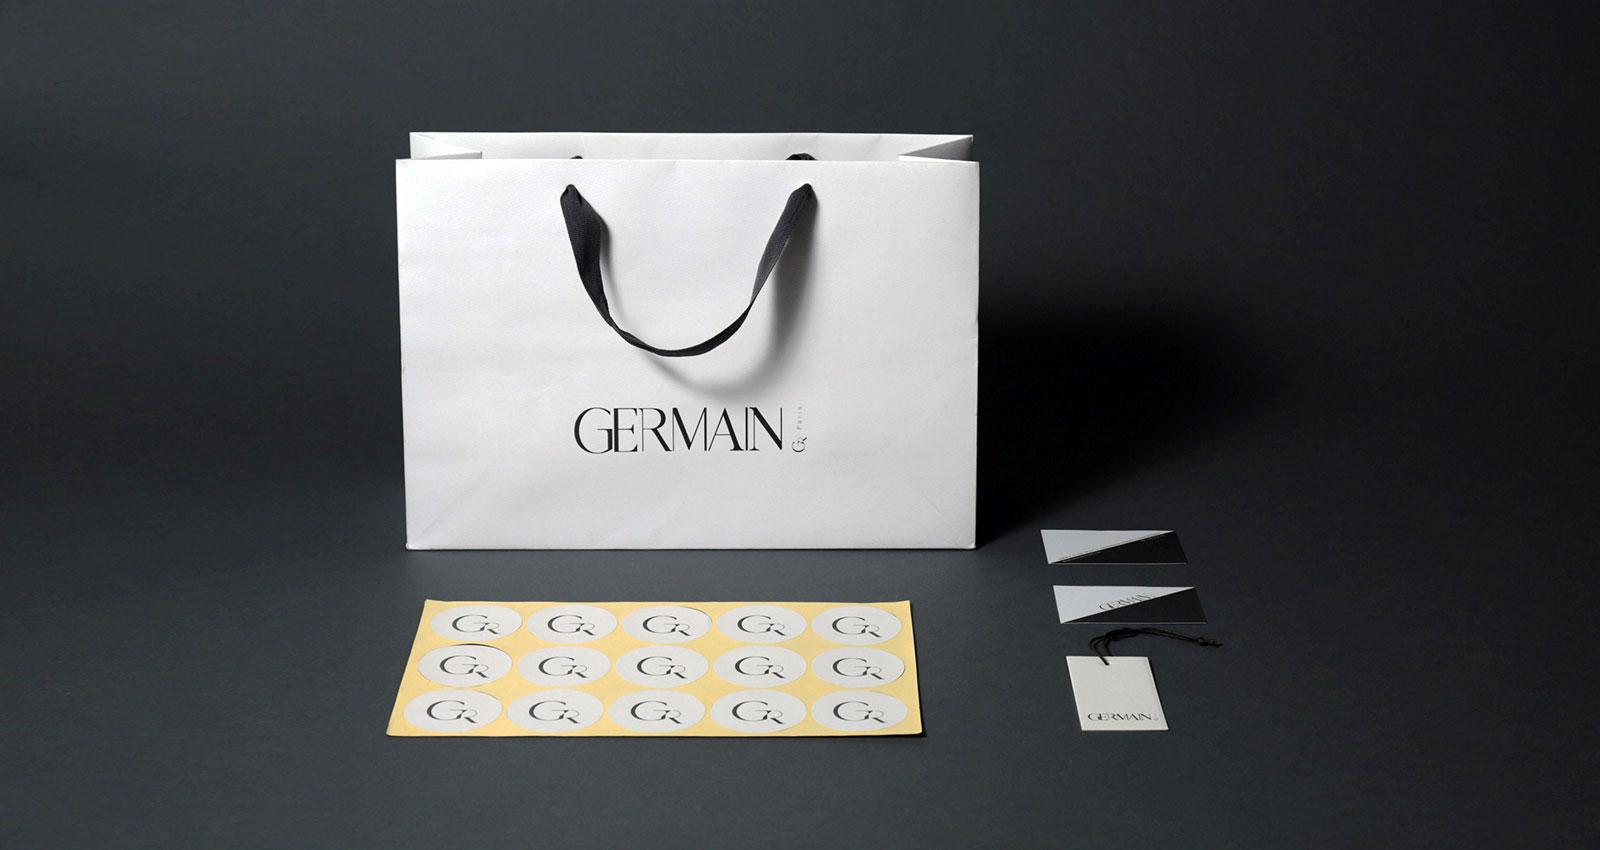 Germain1